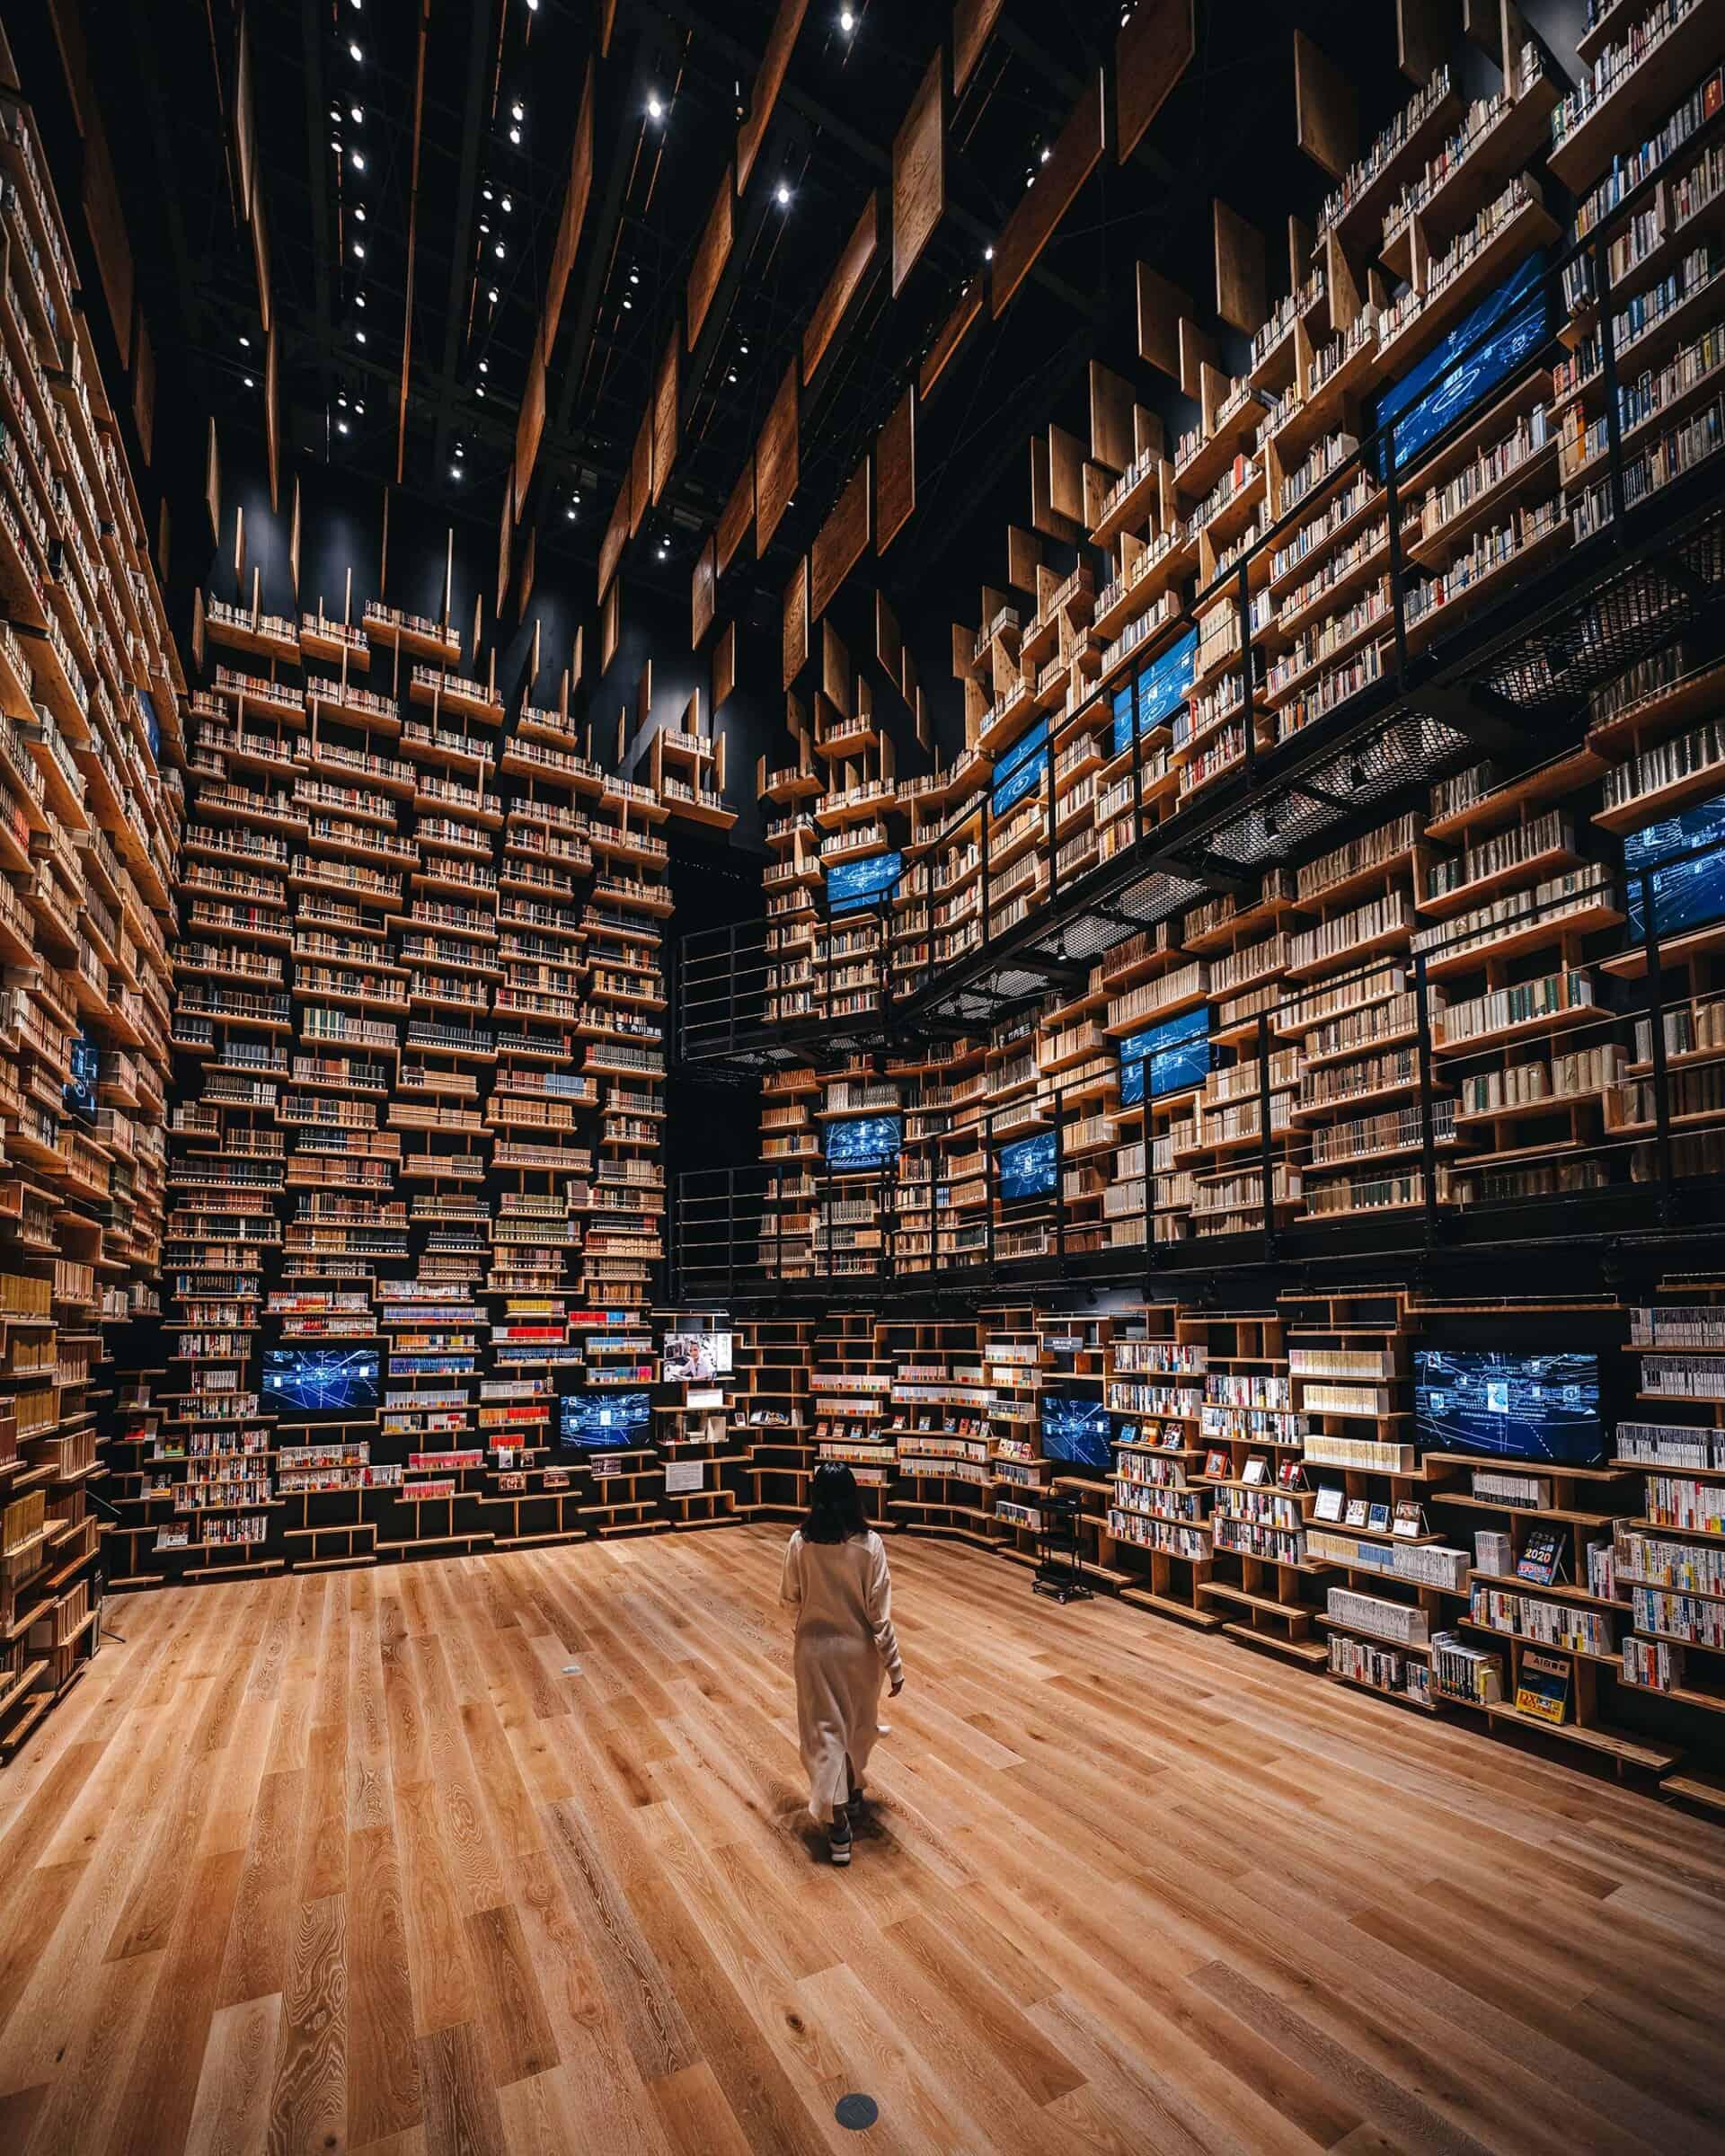 Spectaculaire bibliotheek in het Kadokawa Culture Museum